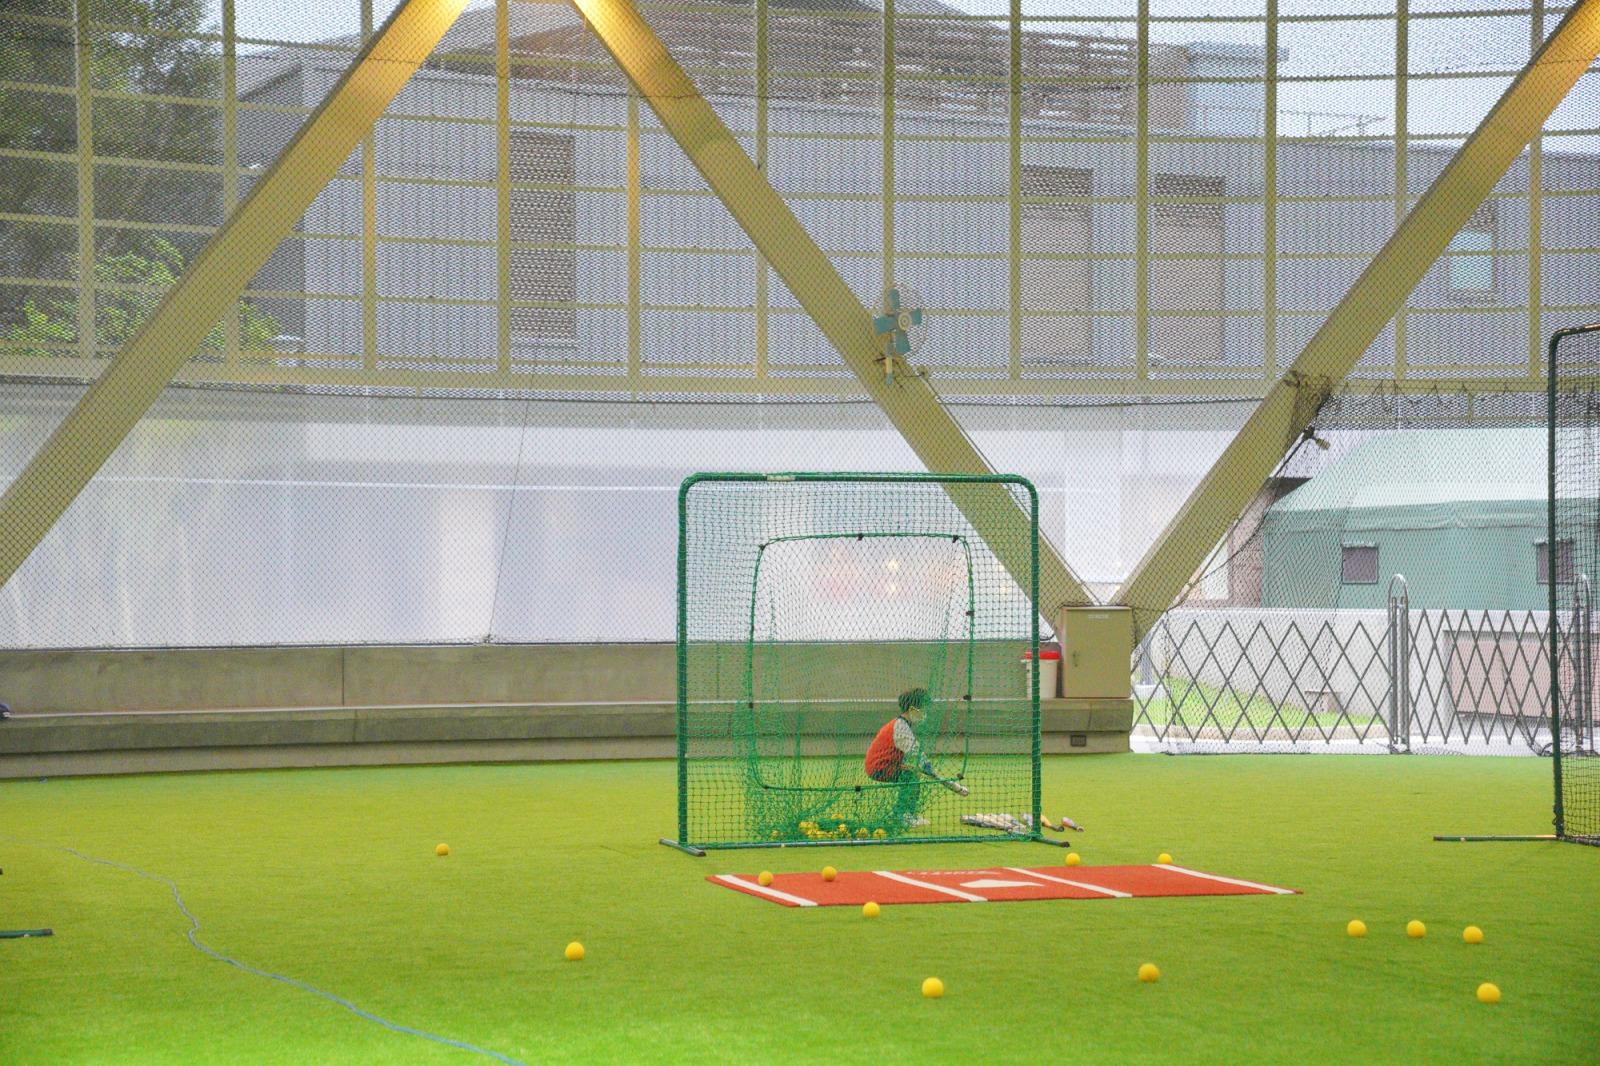 桃園新景點》名人堂全新室內打擊練習場~保證打得到、小朋友也可以打、100元40顆就可以打高高,適合想當棒球明星的你們